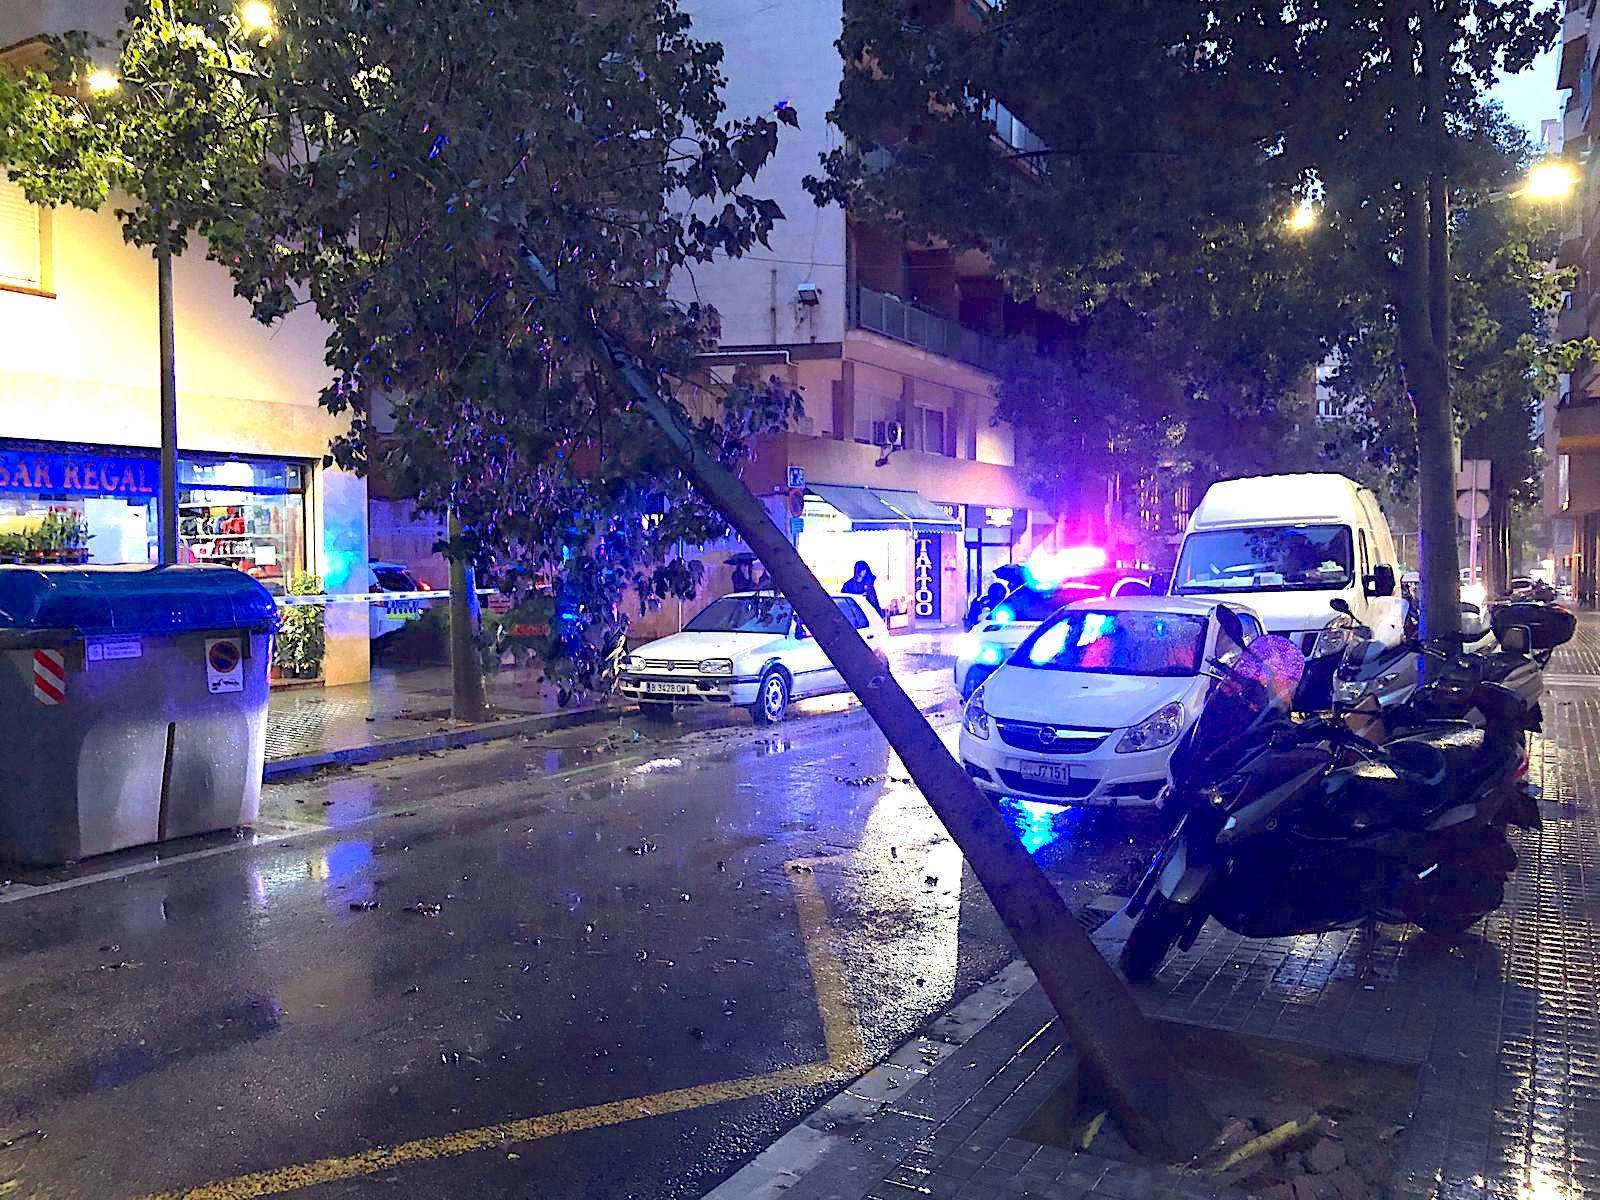 Un arbre tombat pel vent durant el temporal Glòria al carrer Galileu, a les Corts / Cedida